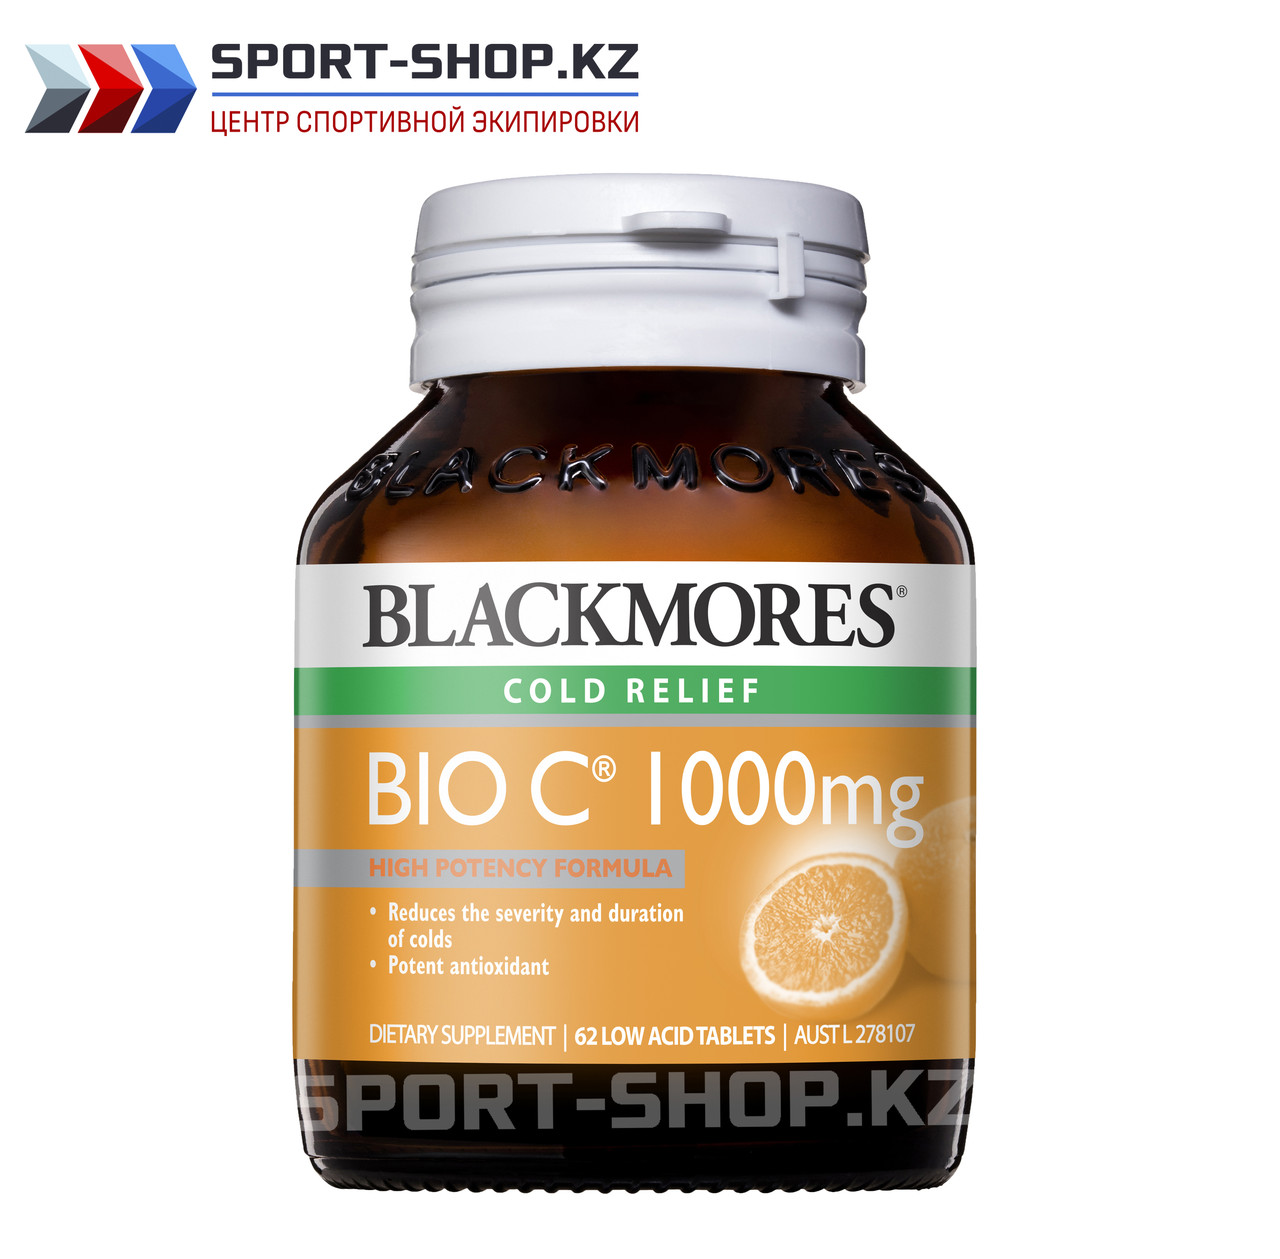 Bio C 1000mg Витамин С 1000мг